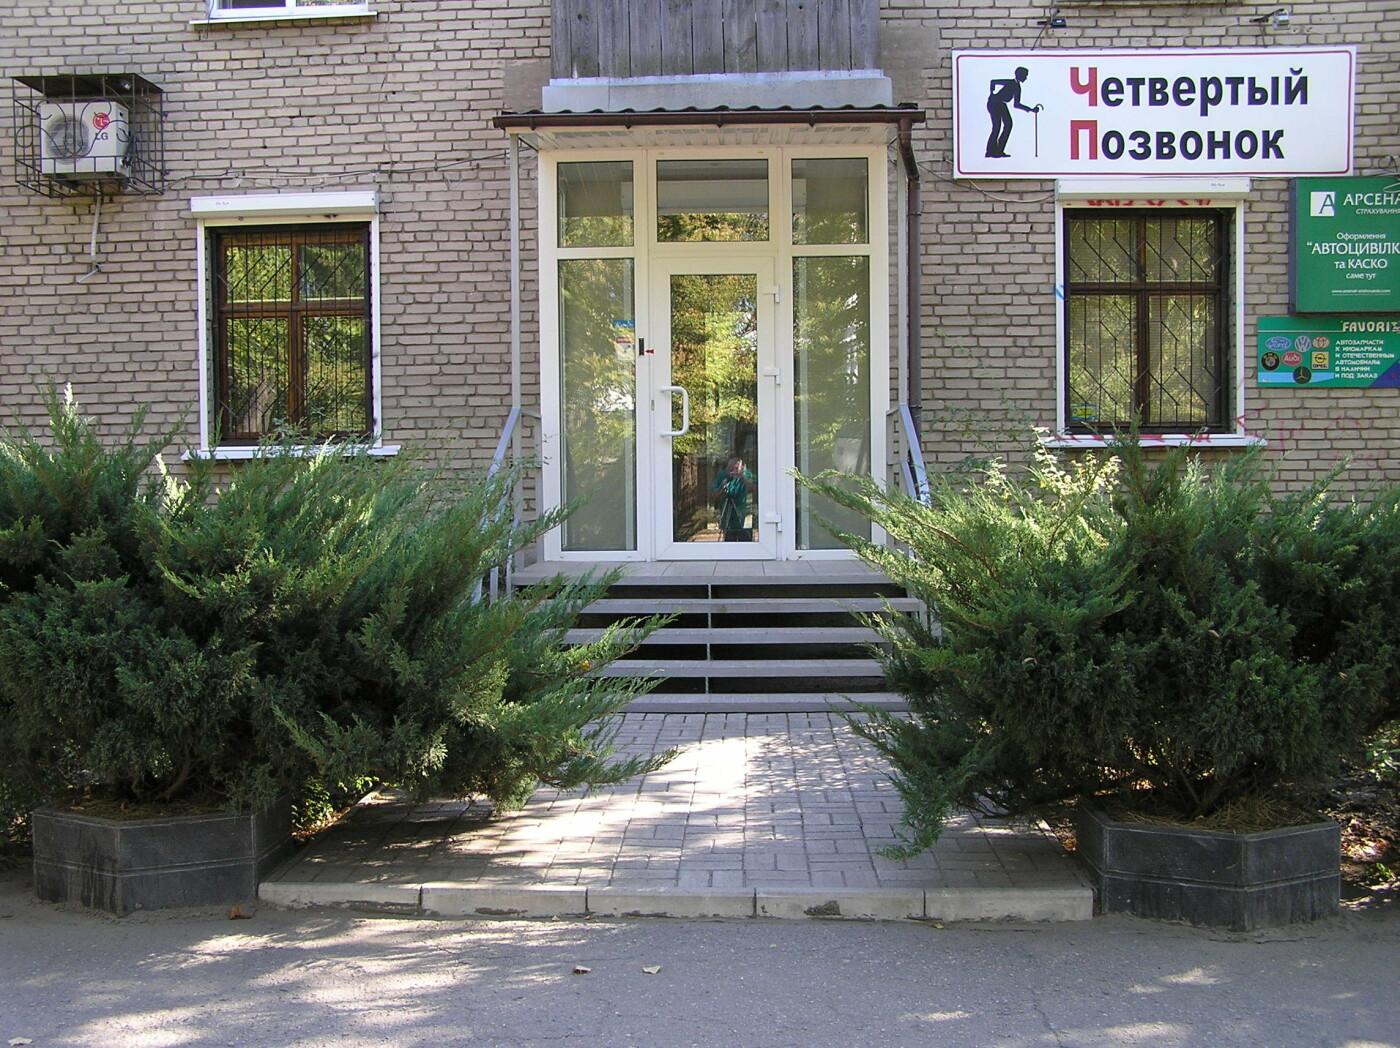 Частные клиники и медицинские центры в Запорожье, фото-185